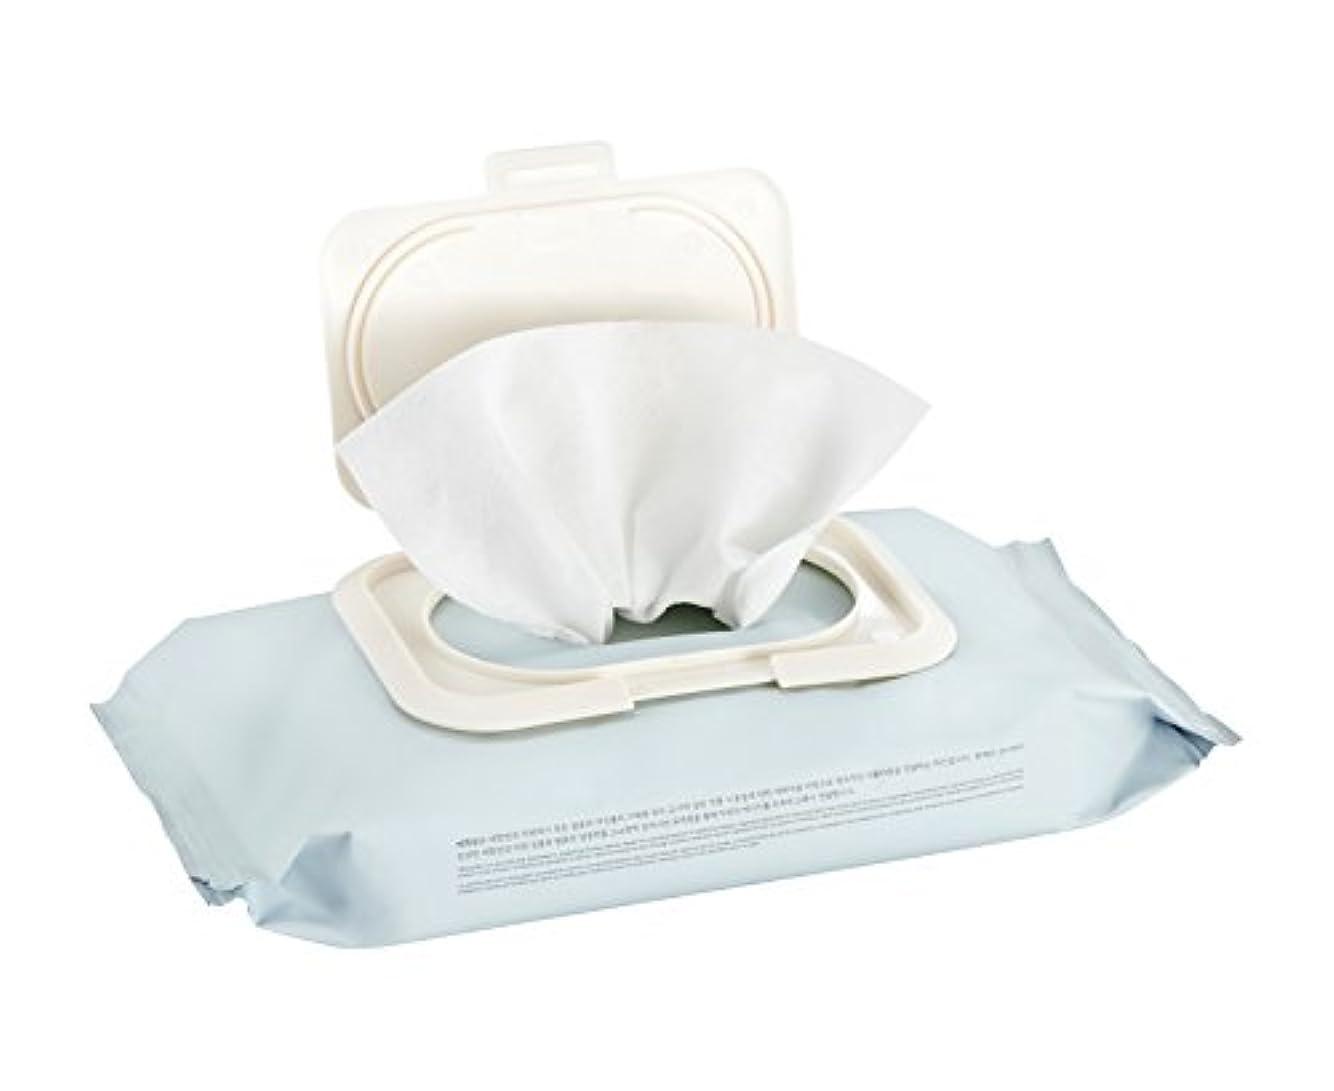 警察署お手伝いさん梨[NEW] ザ?フェイスショップ イェファダム 高保湿クレンジングオイルティッシュ 50枚 / THE FACE SHOP Yehwadam High moisturizing cleansing oil tissue 50 sheets